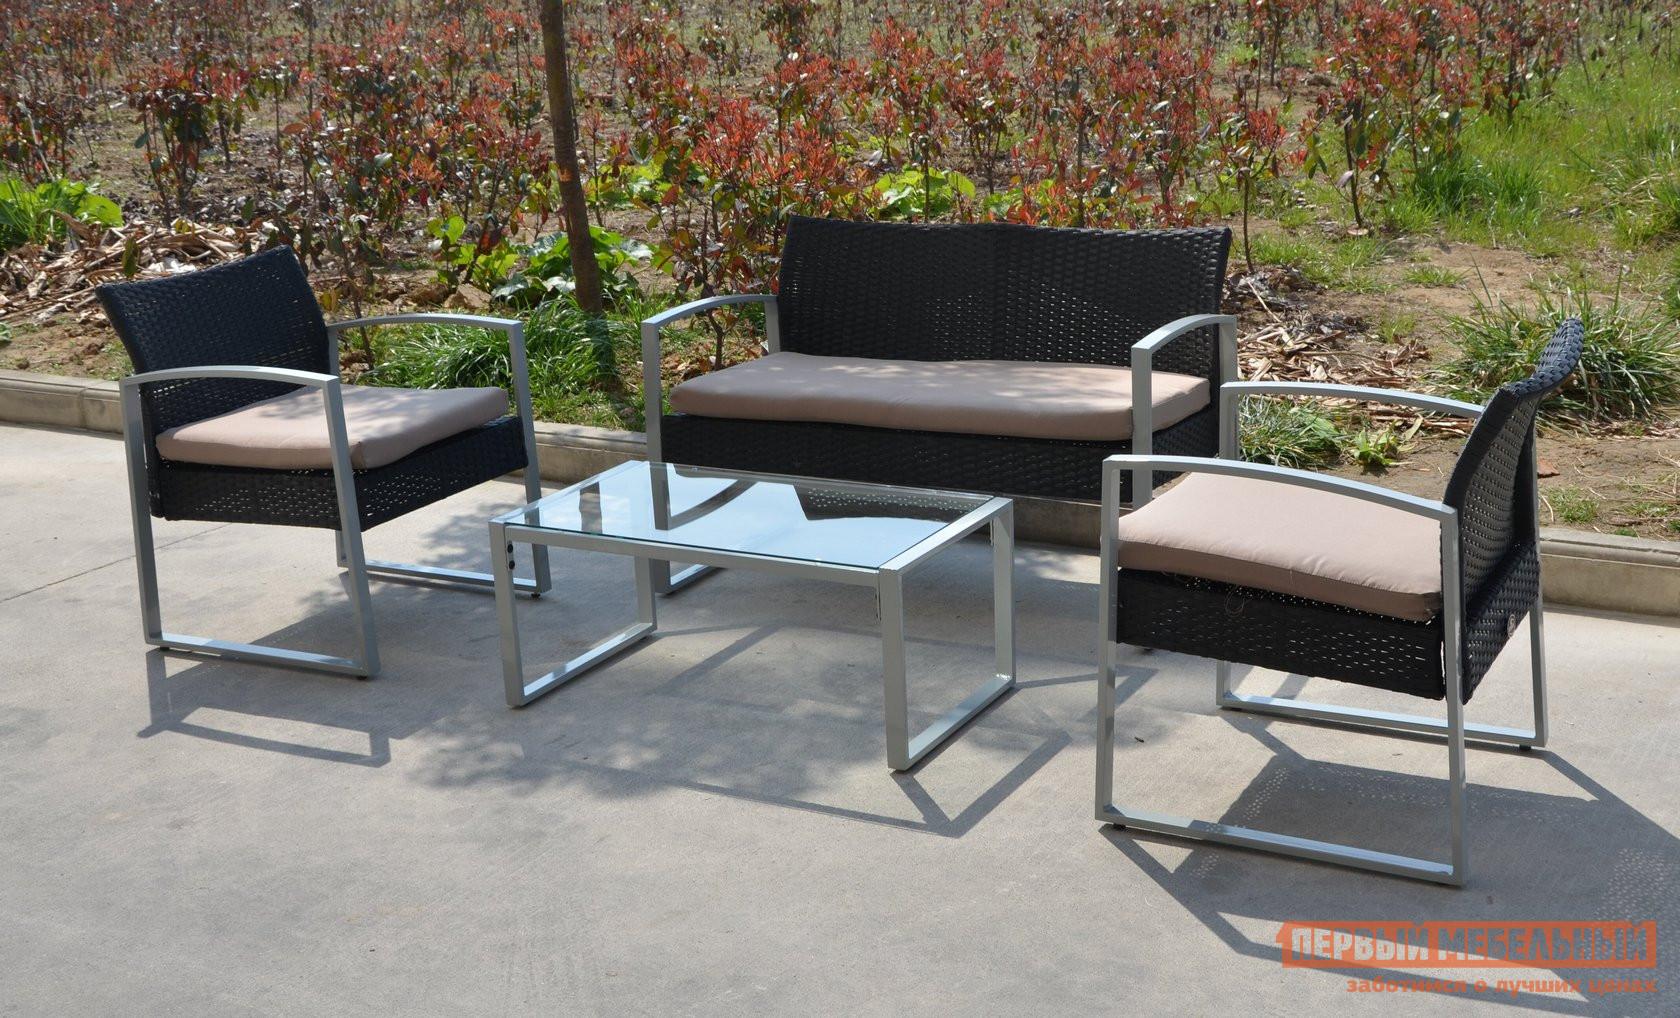 Комплект плетеной мебели Kvimol KM-0314 Коричневый иск. ротанг  / Бежевые подушкиКомплекты плетеной мебели<br>Габаритные размеры ВхШхГ 740x1110x640 мм. Уютный комплект плетеной мебели KM-0314 от Kvimol сочетает в себе два кресла с подлокотниками, двухместный диван и стеклянный кофейный столик на металлических ножках.  Сиденья кресел и дивана дополнены мягкими подушками толщиной 50 мм.  Весь набор сделан из прочных материалов, которые устойчивы к воздействию солнечных лучей и влажности.  Вы можете оставлять мебель на улице на весь дачный сезон и с ней ничего не случится. Этот комплект садовой мебели идеален для оформления зоны отдыха в тени деревьев, в беседке или на веранде дома.  Если у вас уже есть шатер, то под его куполом с таким комплектом получится настоящая лаунж зона для самой безмятежной сиесты. Размеры мебели:двухместный диван (ВхШхГ): 740 х 1110 х 640 мм. кресла (ВхШхГ): 740 х 590 х 640 мм. столик (ВхШхГ): 360 х 830 х 450 мм. Каркас мебели сделан из стальном рамы и покрыт порошковым напылением.  Спинка и сиденье дивана и кресел сплетены из искусственного ротанга.  Столешница — темное закаленное стекло толщиной 5 мм.  В комплект набора входит водонепроницаемый чехол, которым вы сможете накрыть мебель в дождливую погоду.<br><br>Цвет: Коричневый<br>Цвет: Бежевый<br>Высота мм: 740<br>Ширина мм: 1110<br>Глубина мм: 640<br>Кол-во упаковок: 1<br>Форма поставки: В разобранном виде<br>Срок гарантии: 1 год<br>Тип: Плетеная<br>Тип: С журнальным столом<br>Тип: С кофейным столом<br>Материал: Металл<br>Материал: Искусственный ротанг<br>Вместимость: На 4 персоны<br>С подлокотниками: Да<br>С подушкой: Да